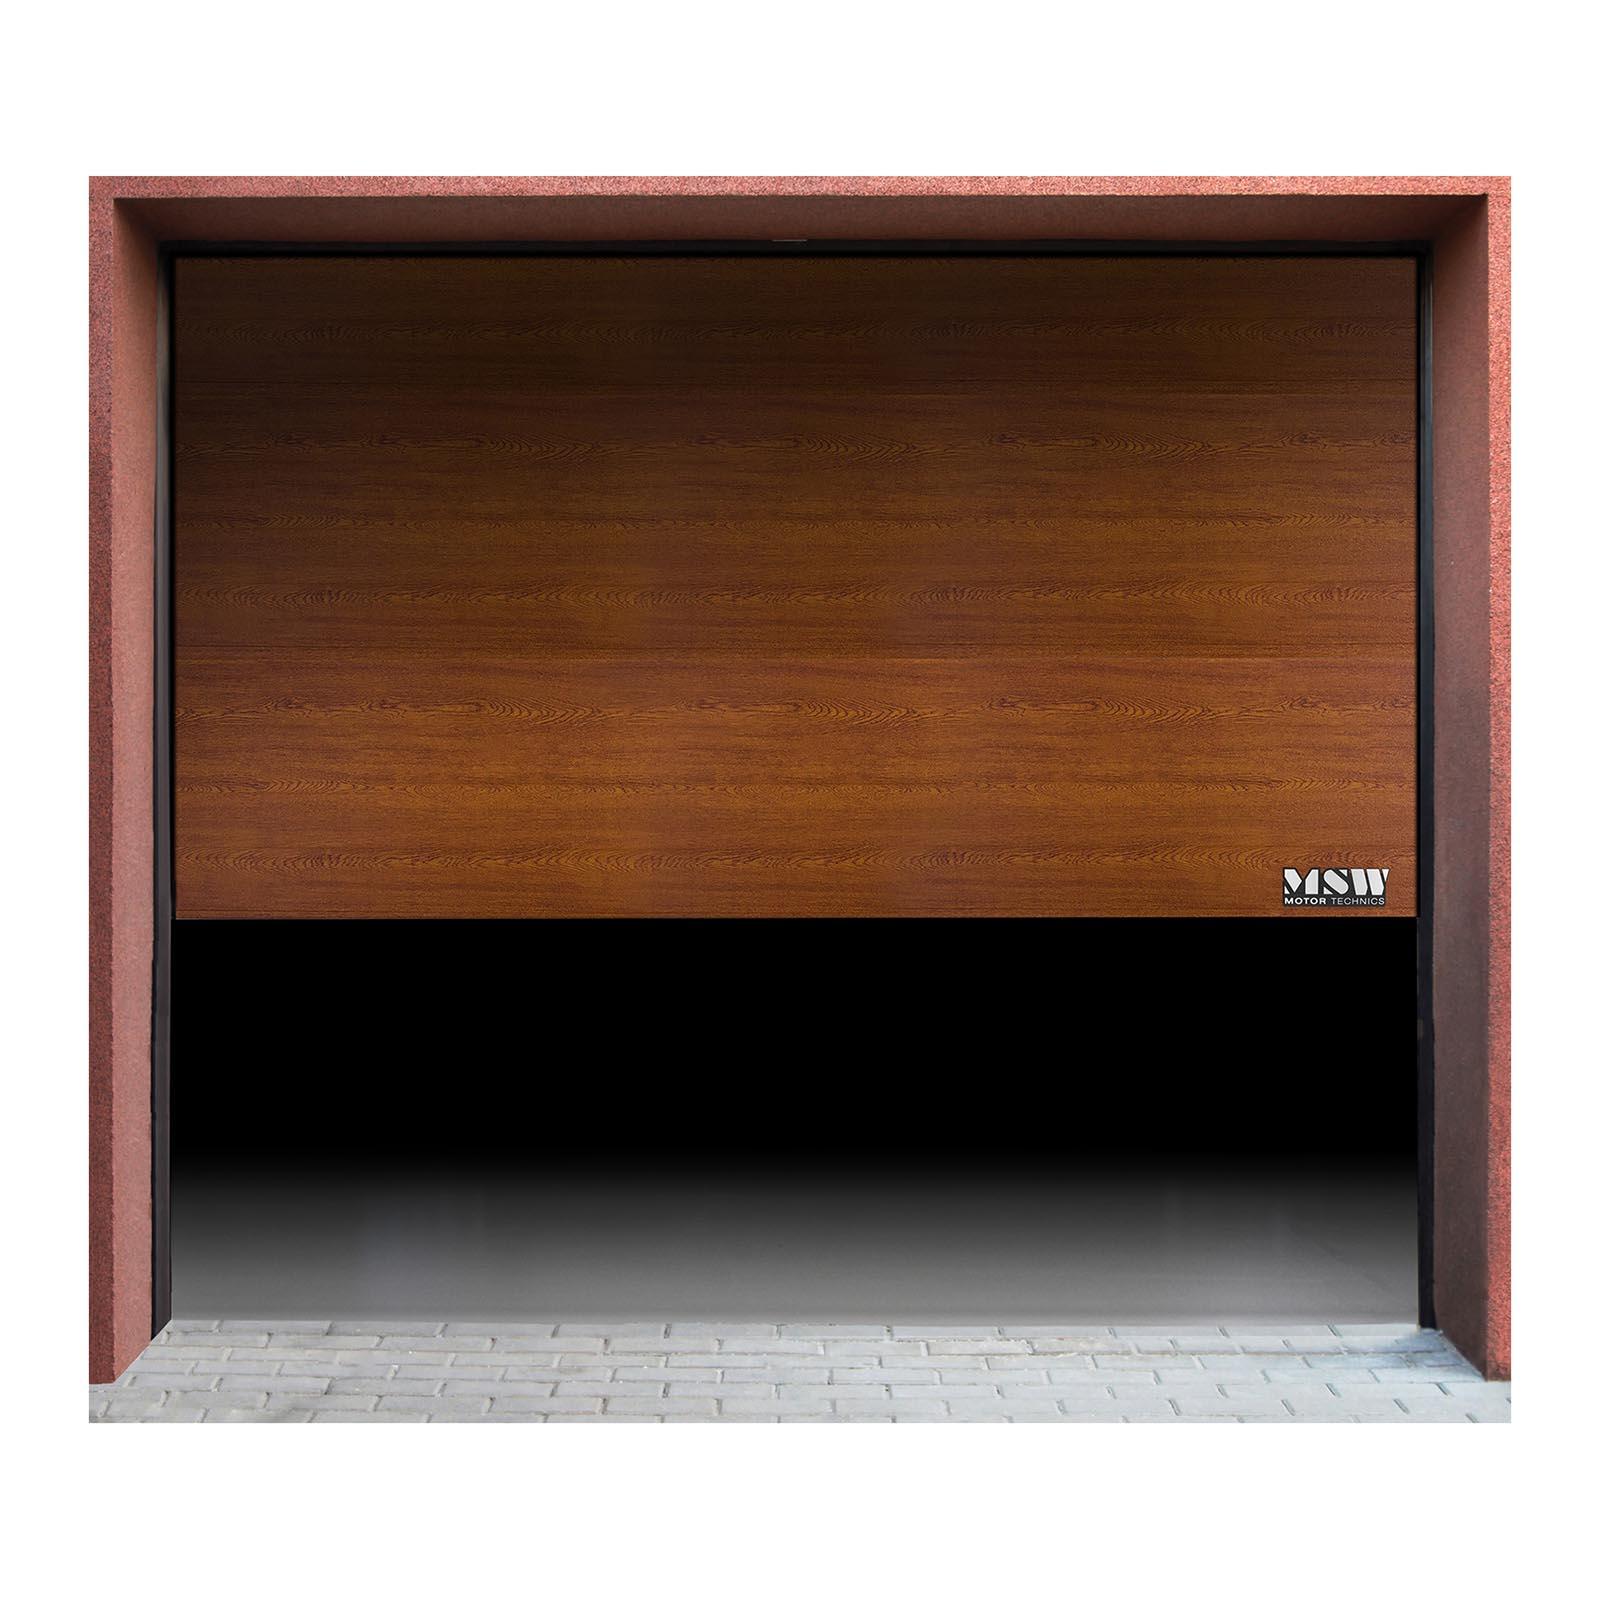 jetzt ihr neues garagentor einbauen. Black Bedroom Furniture Sets. Home Design Ideas